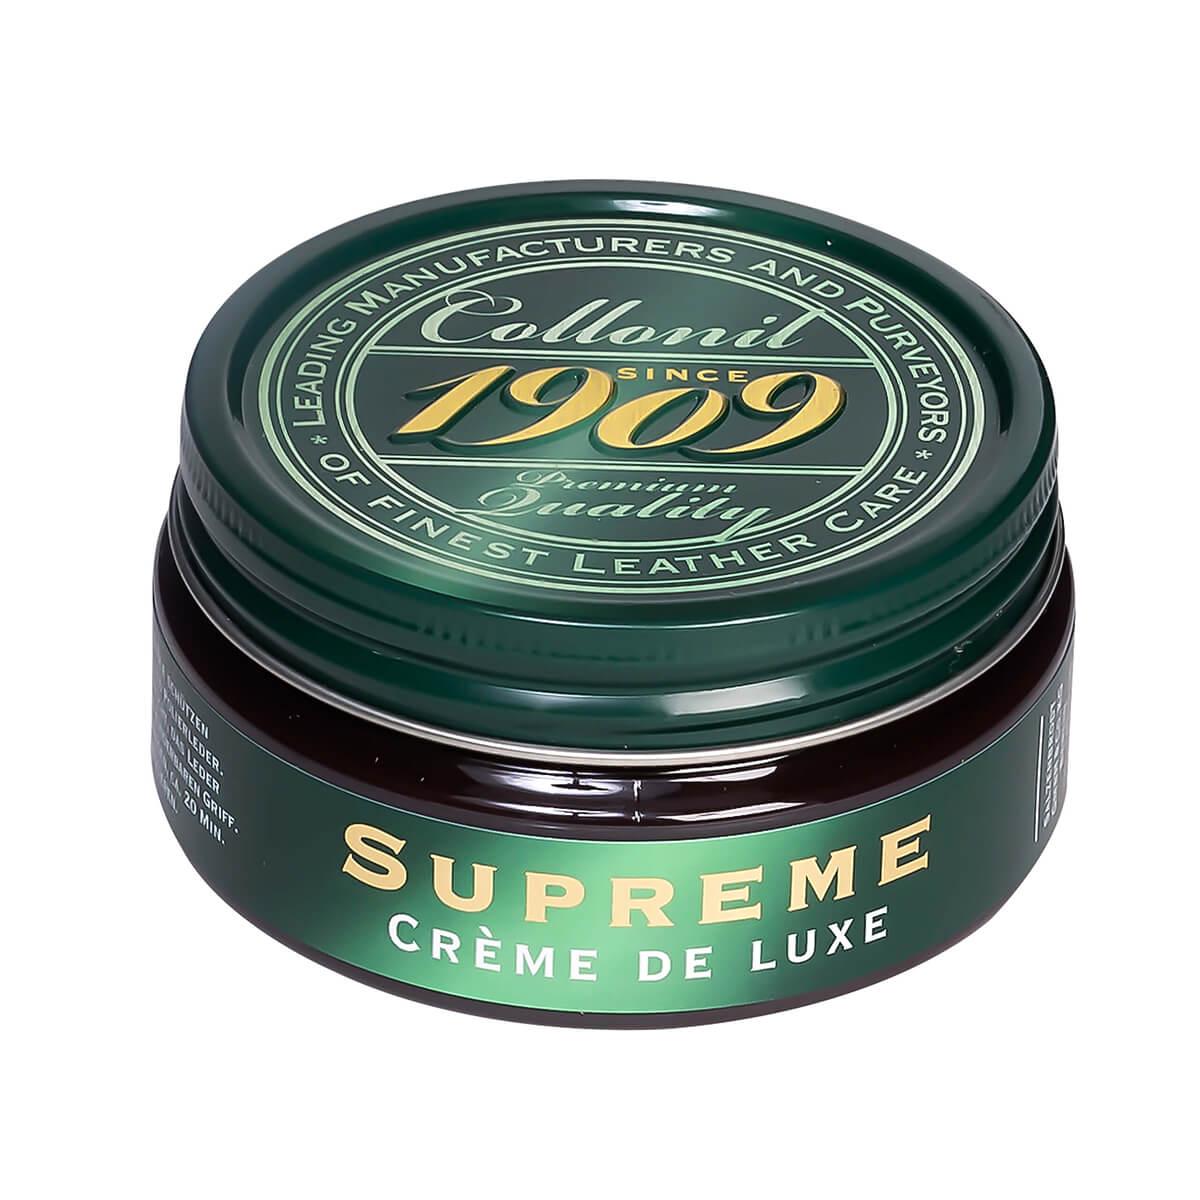 Collonil Schuhcreme - Supreme Creme de Luxe Mahagoni